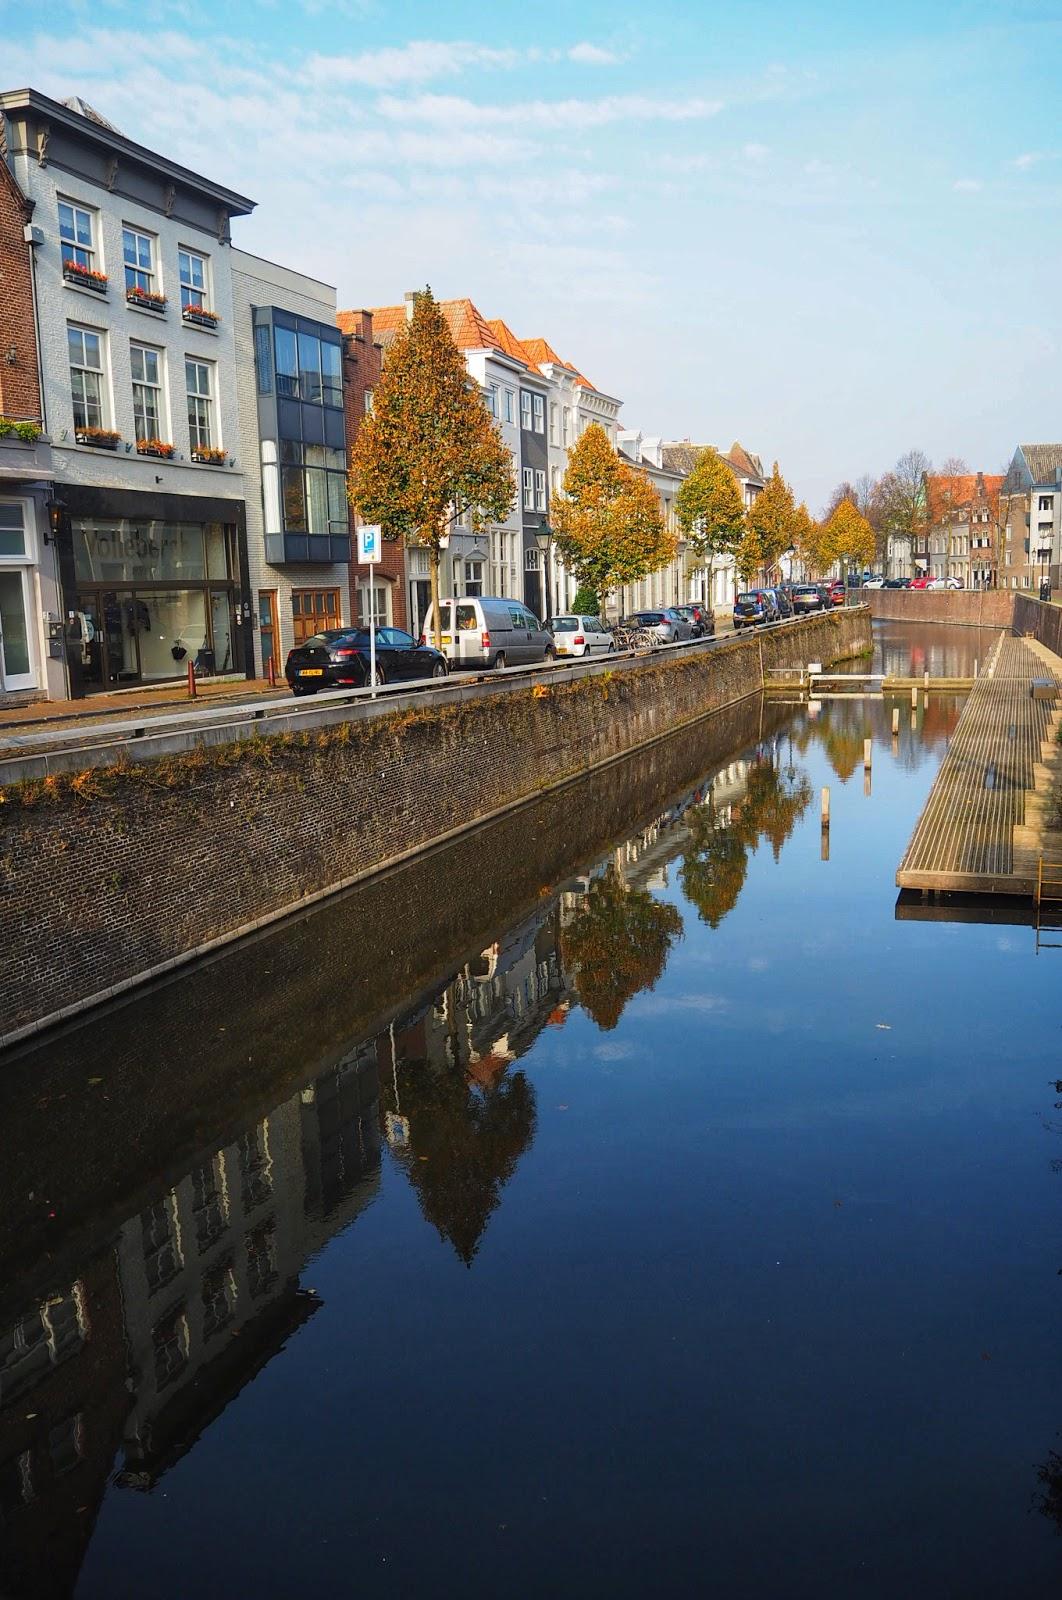 Autumn Canal reflections in Den Bosch